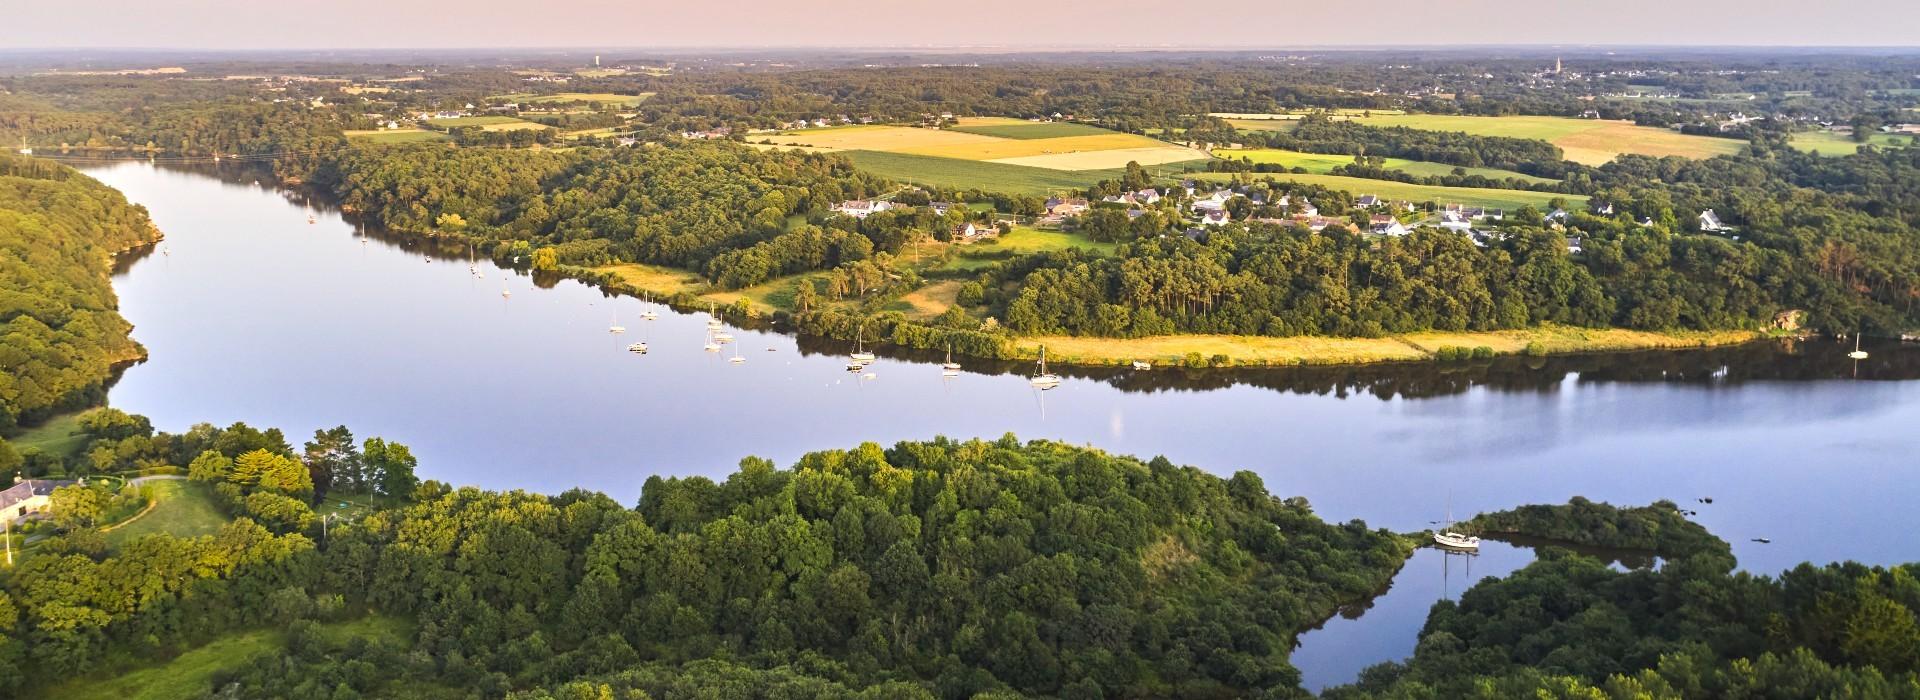 The banks of 'La Vilaine'